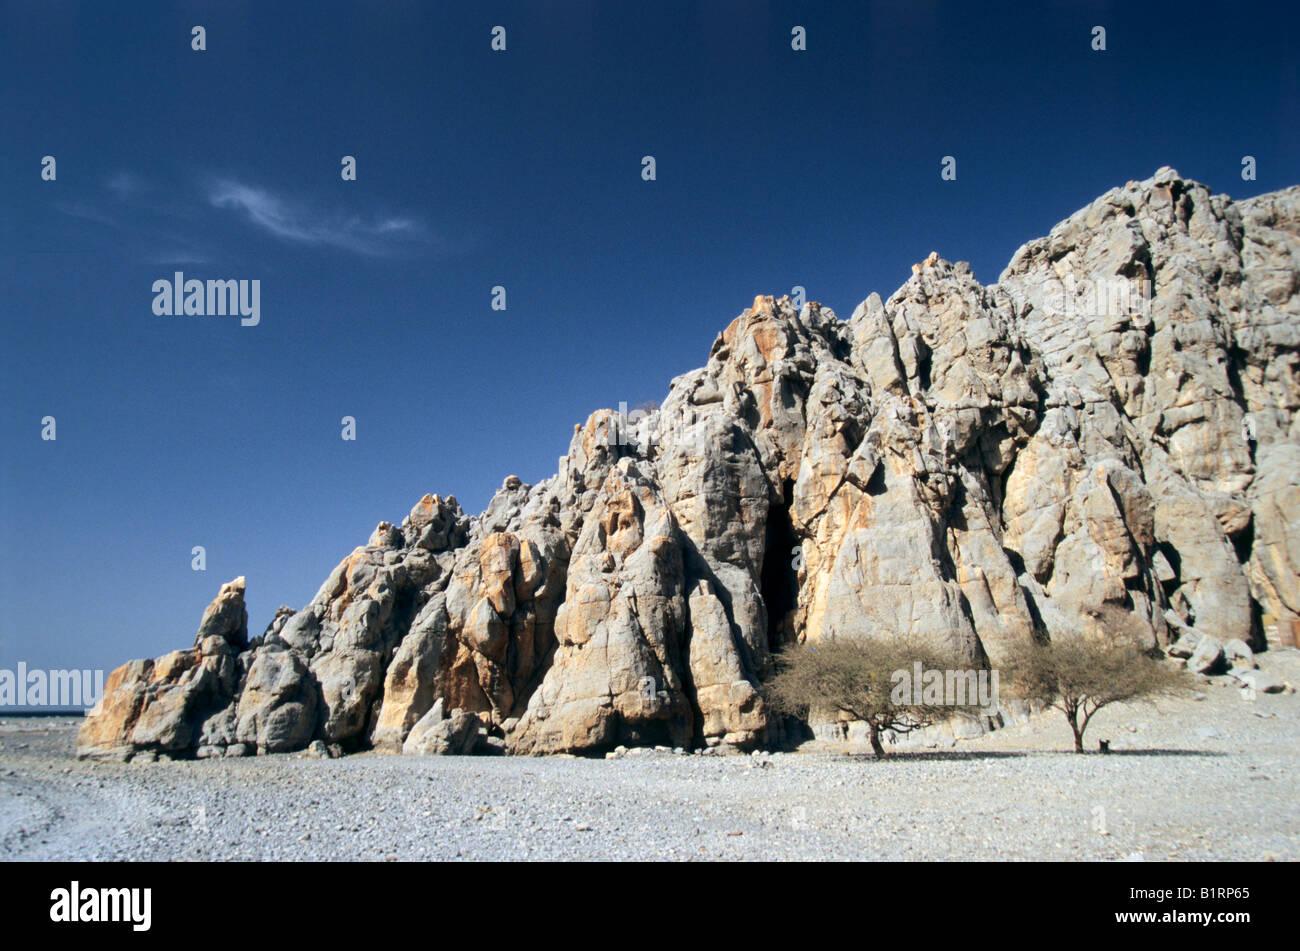 Paesaggio bizzarro con montagne rocciose e alberi di acacia, Oman, Arabia, Penisola Arabica, Asia Centrale, Asia Immagini Stock